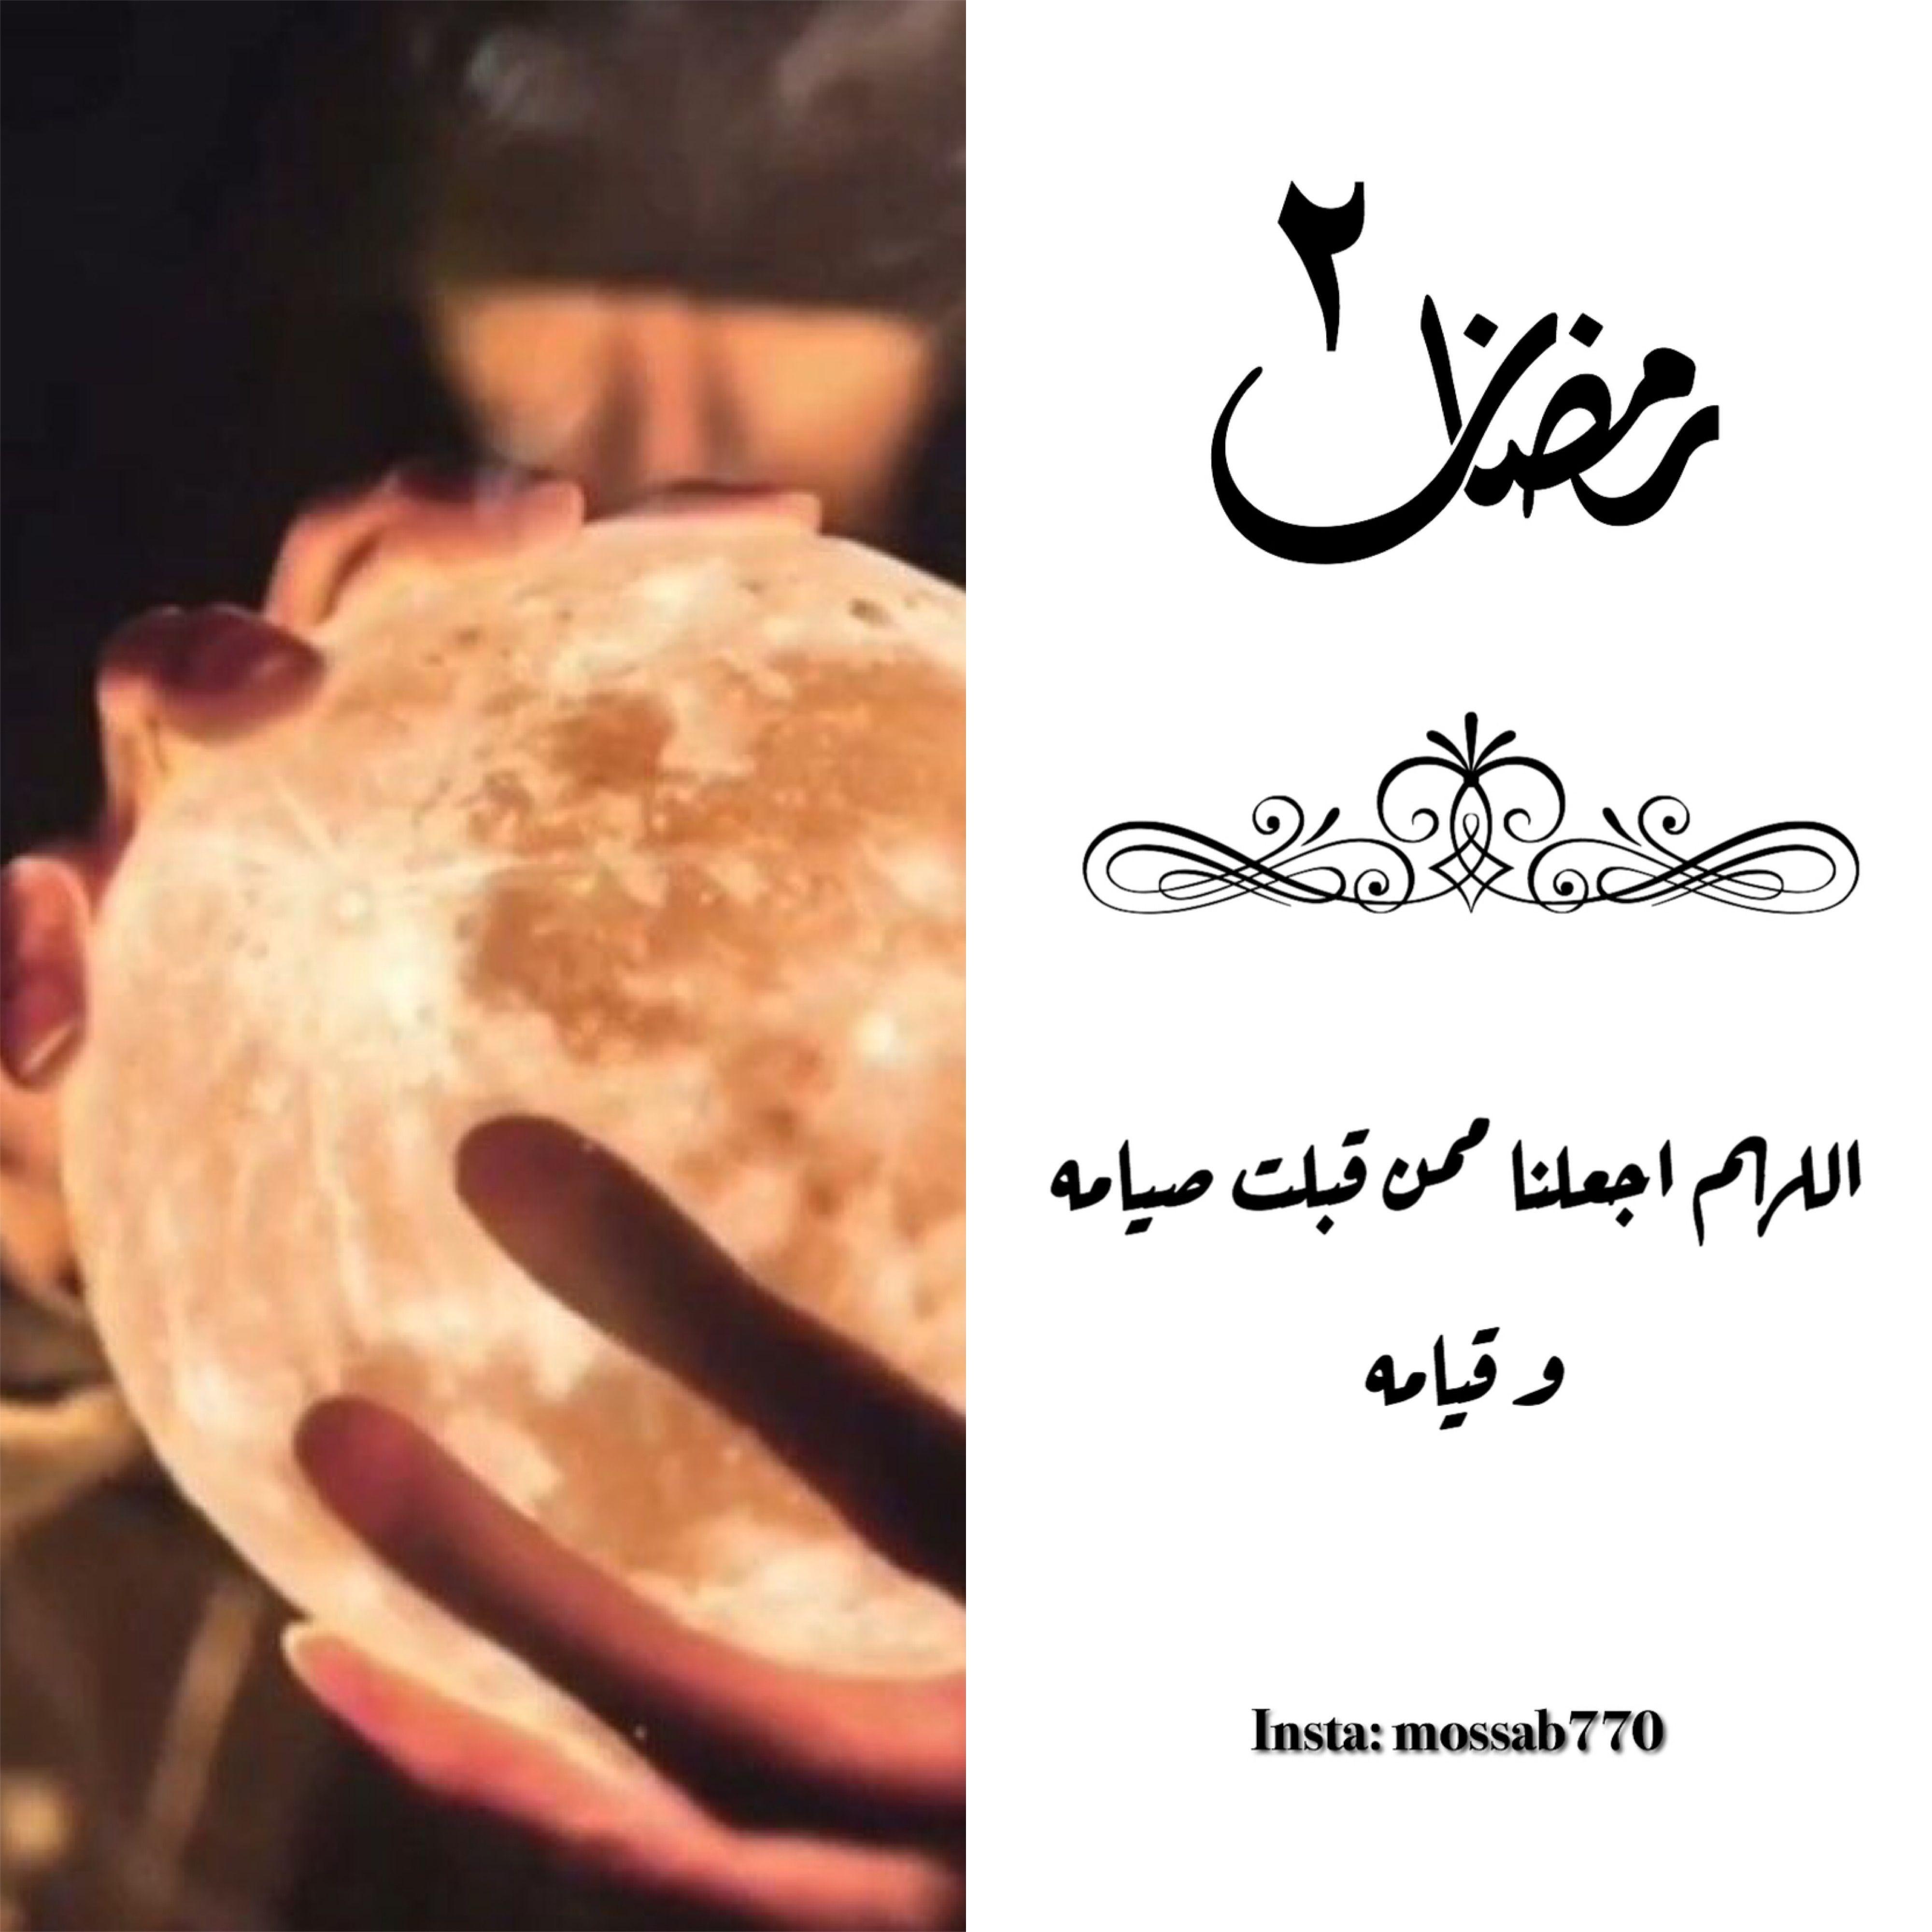 رمضان رمضان كريم رمزيات عبارات رمضانيات In 2020 Tattoo Quotes